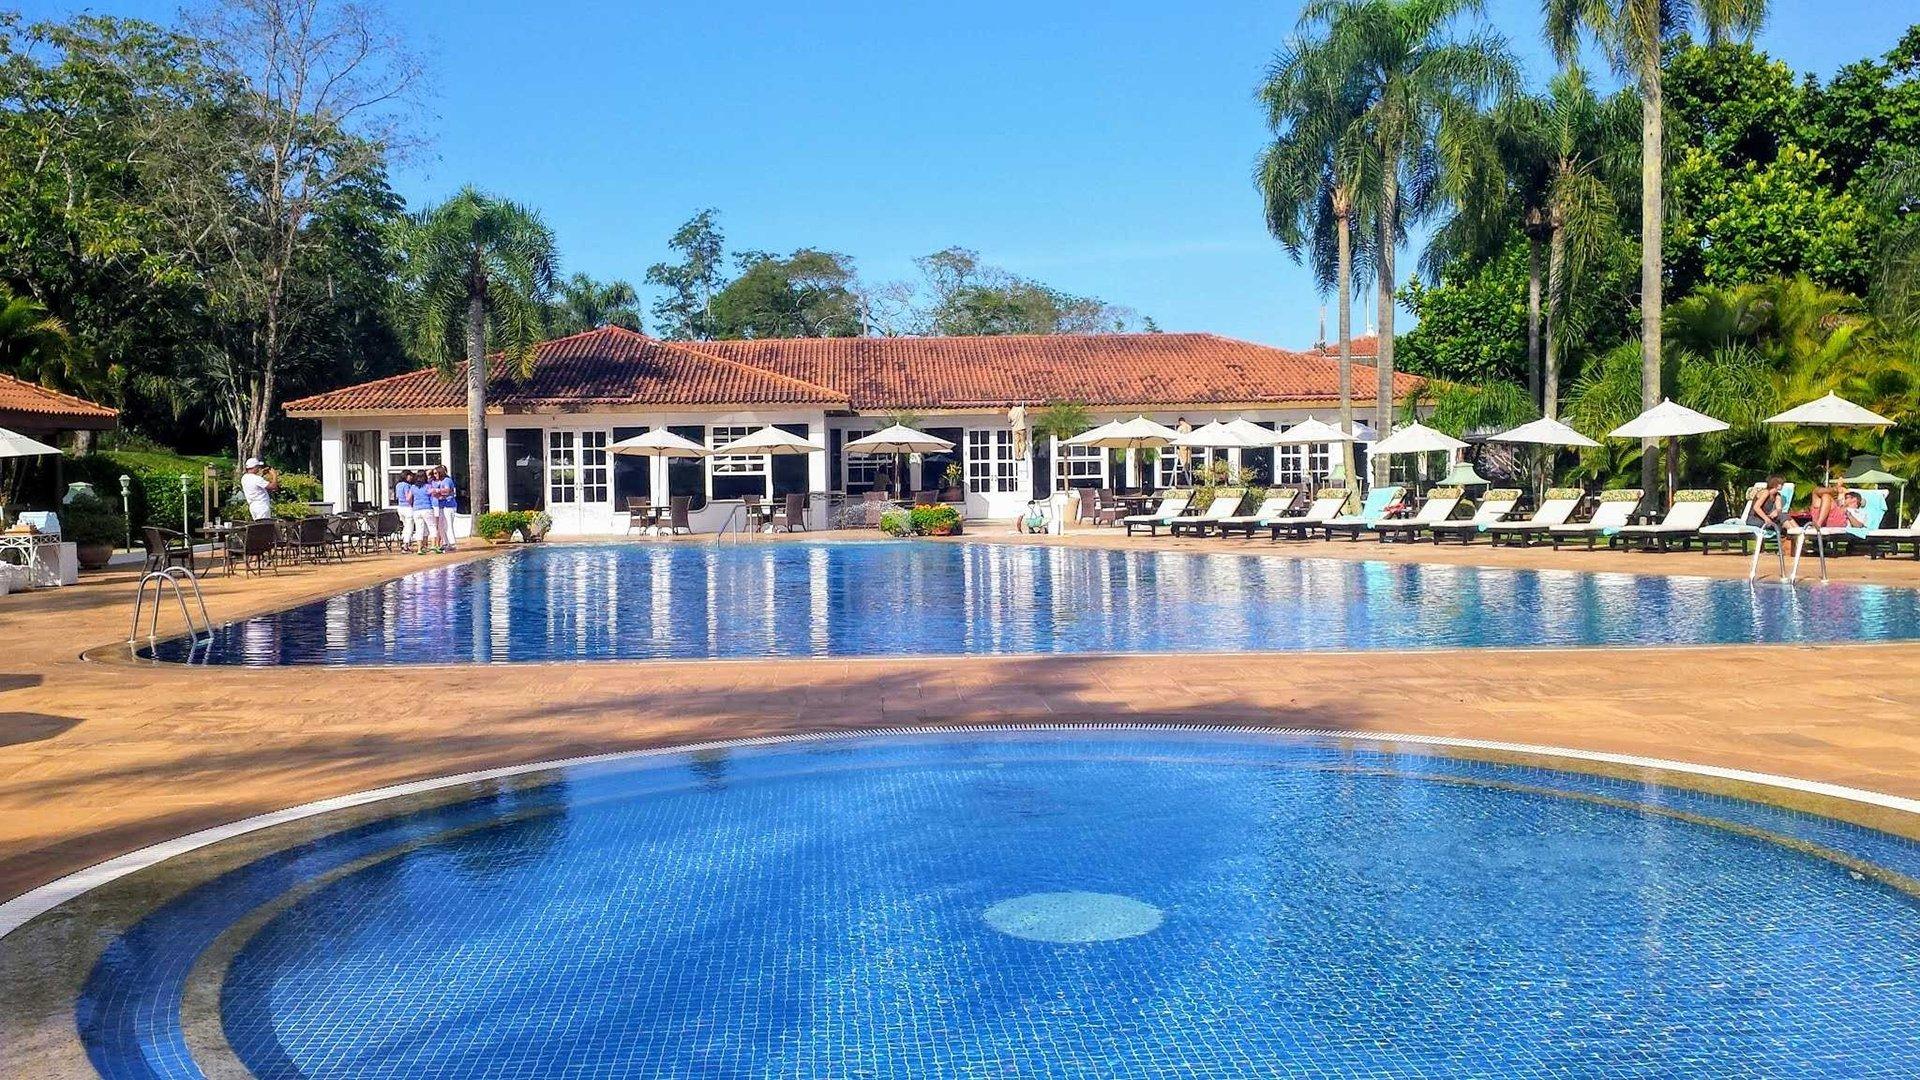 HOTEL DAS CATARATAS A BELMOND HOTEL-001